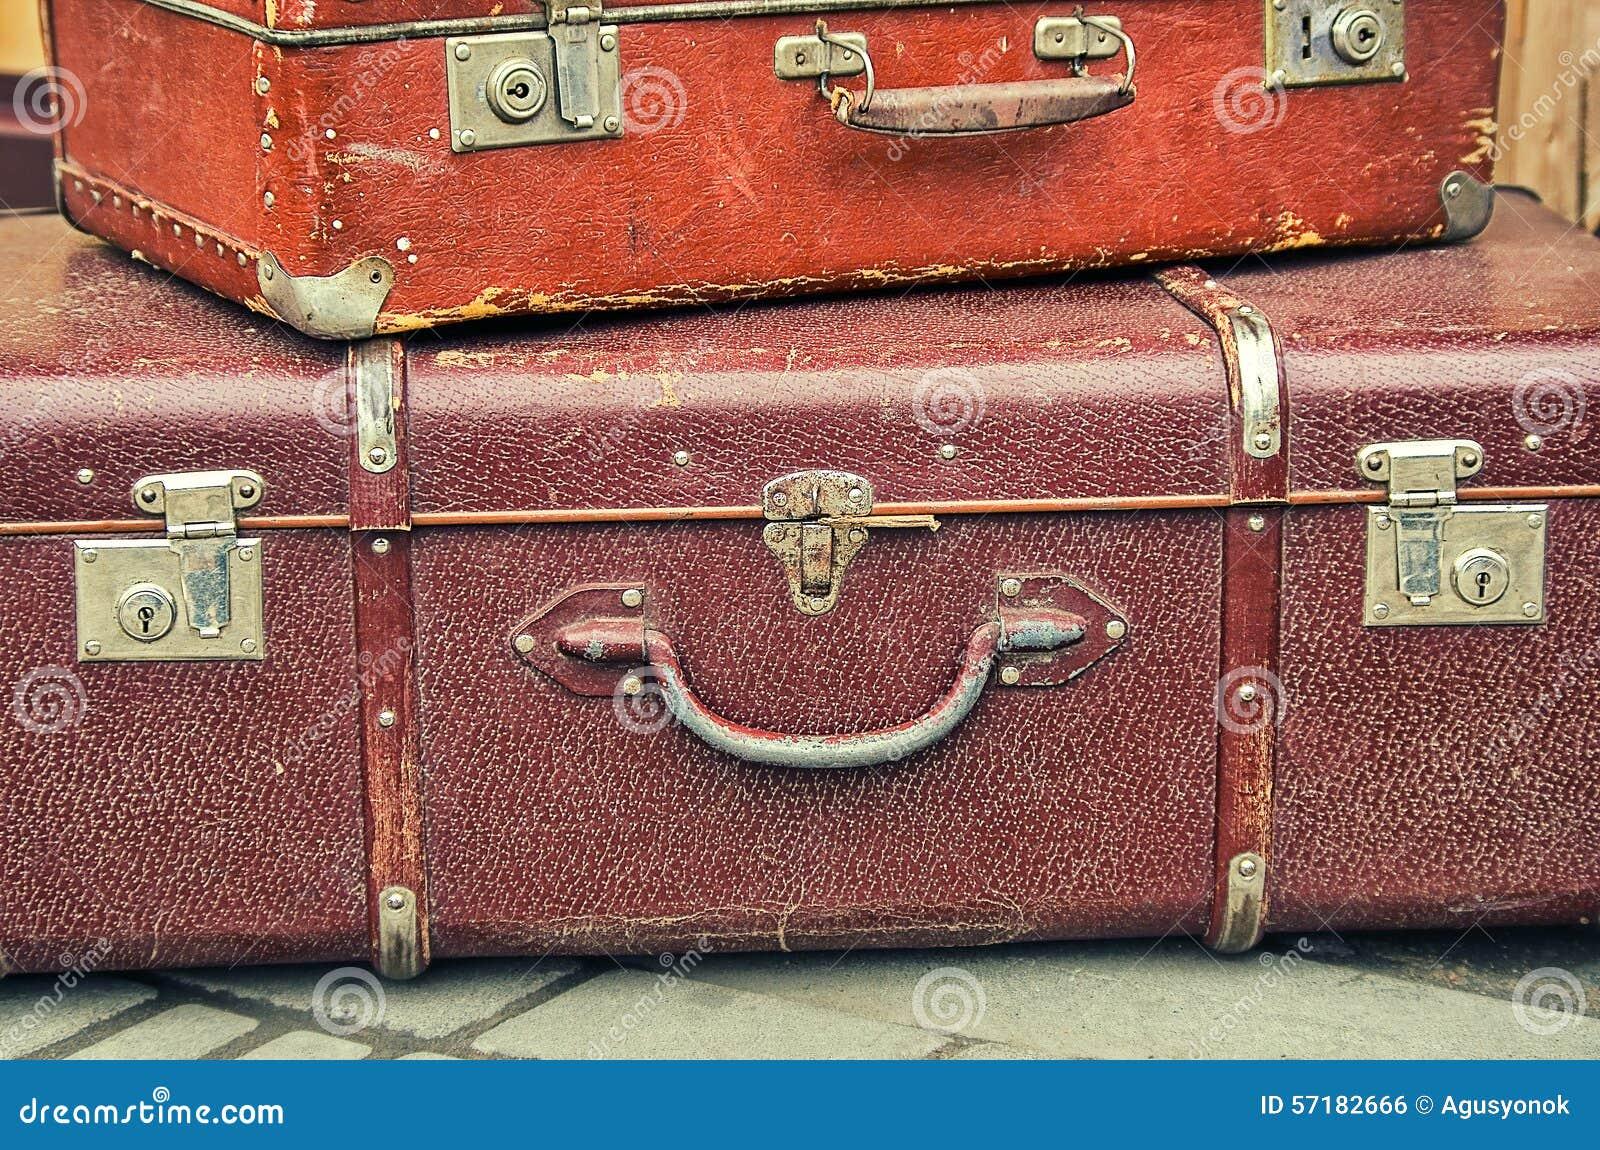 De oude retro objecten antiquiteit heel wat bagage valise koffers